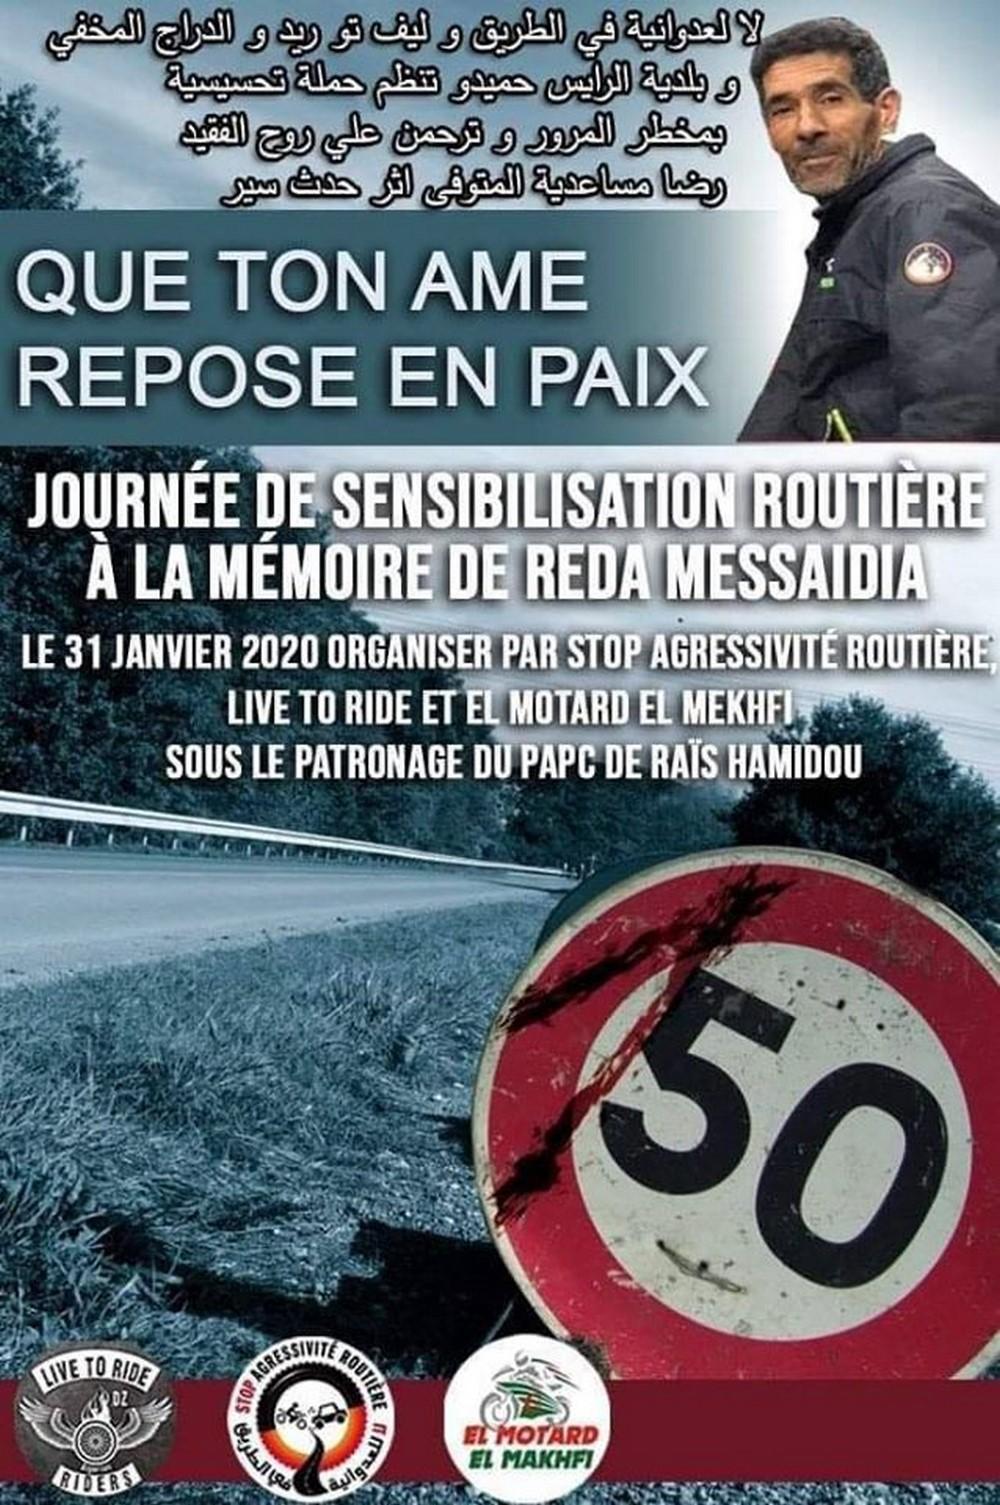 Stop Agressivité Routière : Journée de sensibilisation à la mémoire de Reda Messaidia